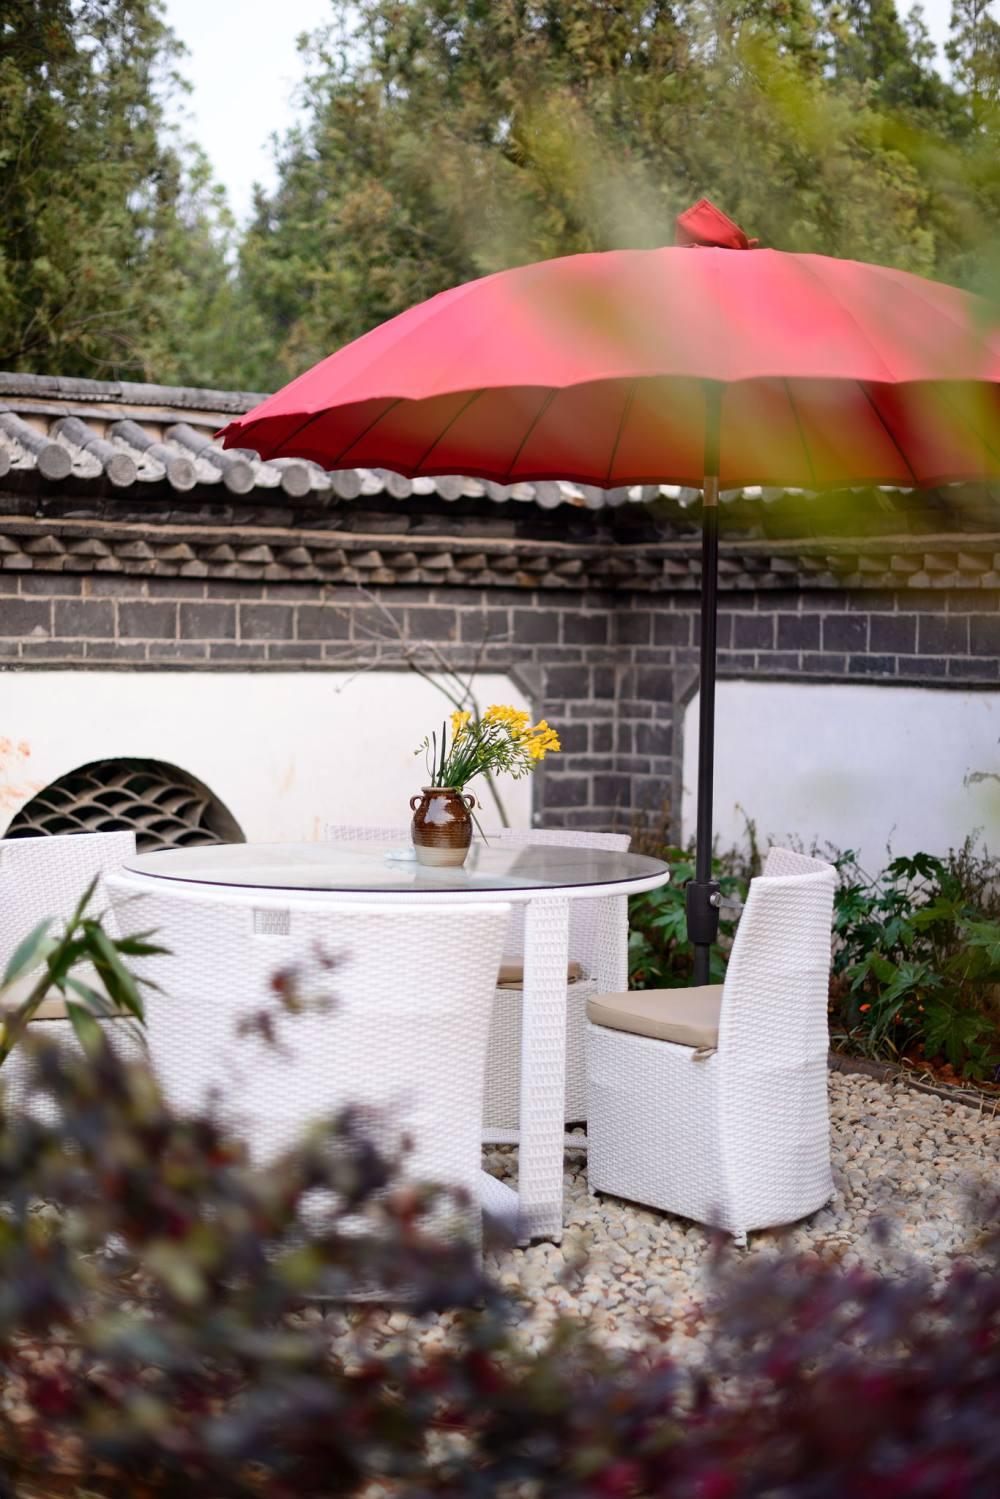 丽江古城花间堂问云山庄(官方摄影) Blossom Hill Inn Lijiang_6597759160448235338.jpg